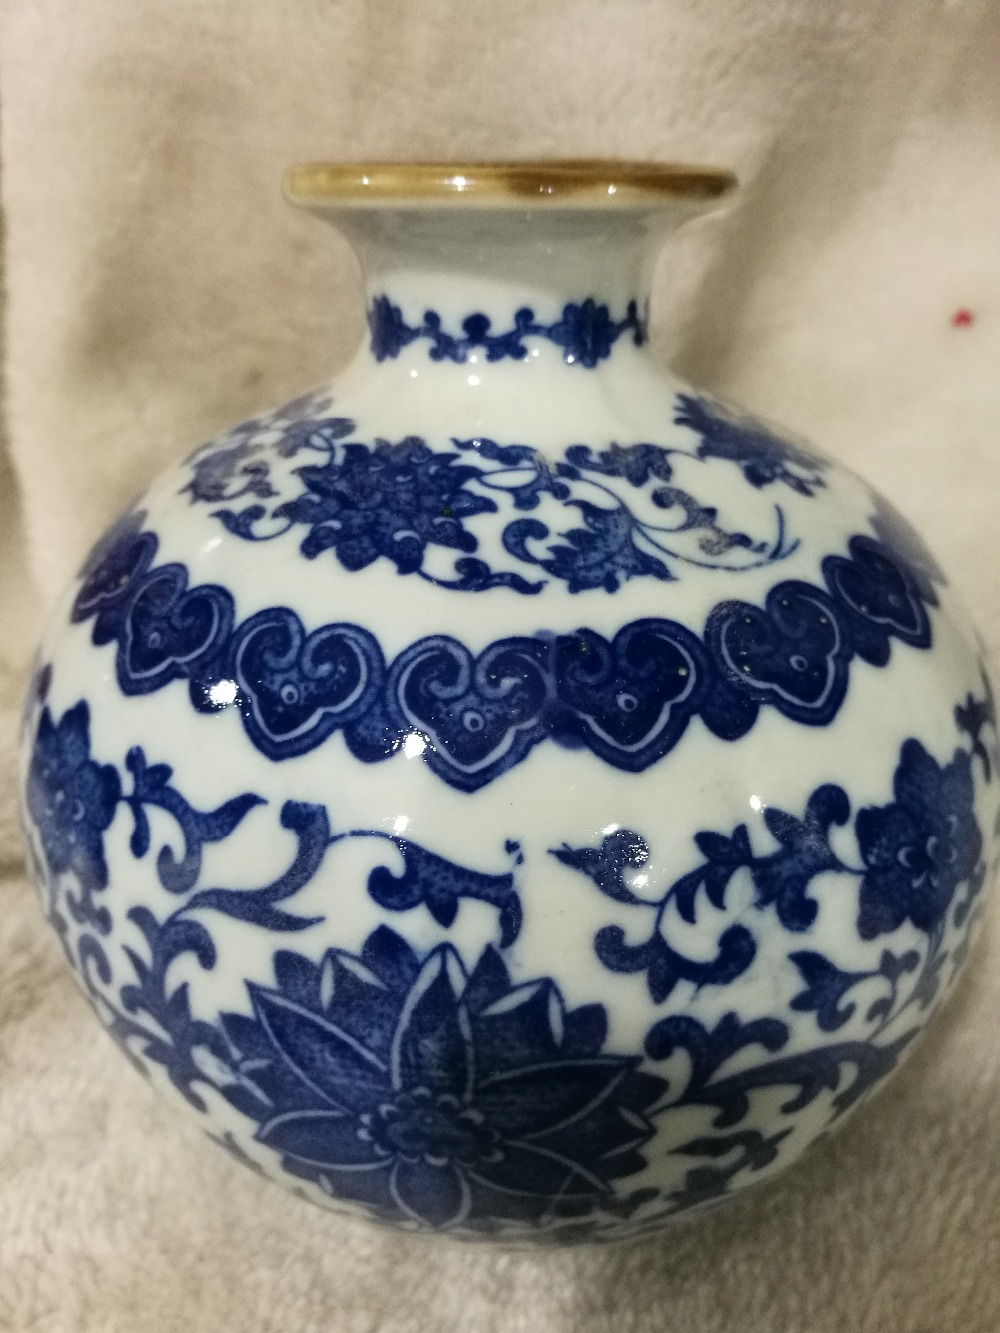 Beau vase en porcelaine bleu et blanc de style chinois JingdezhenBeau vase en porcelaine bleu et blanc de style chinois Jingdezhen